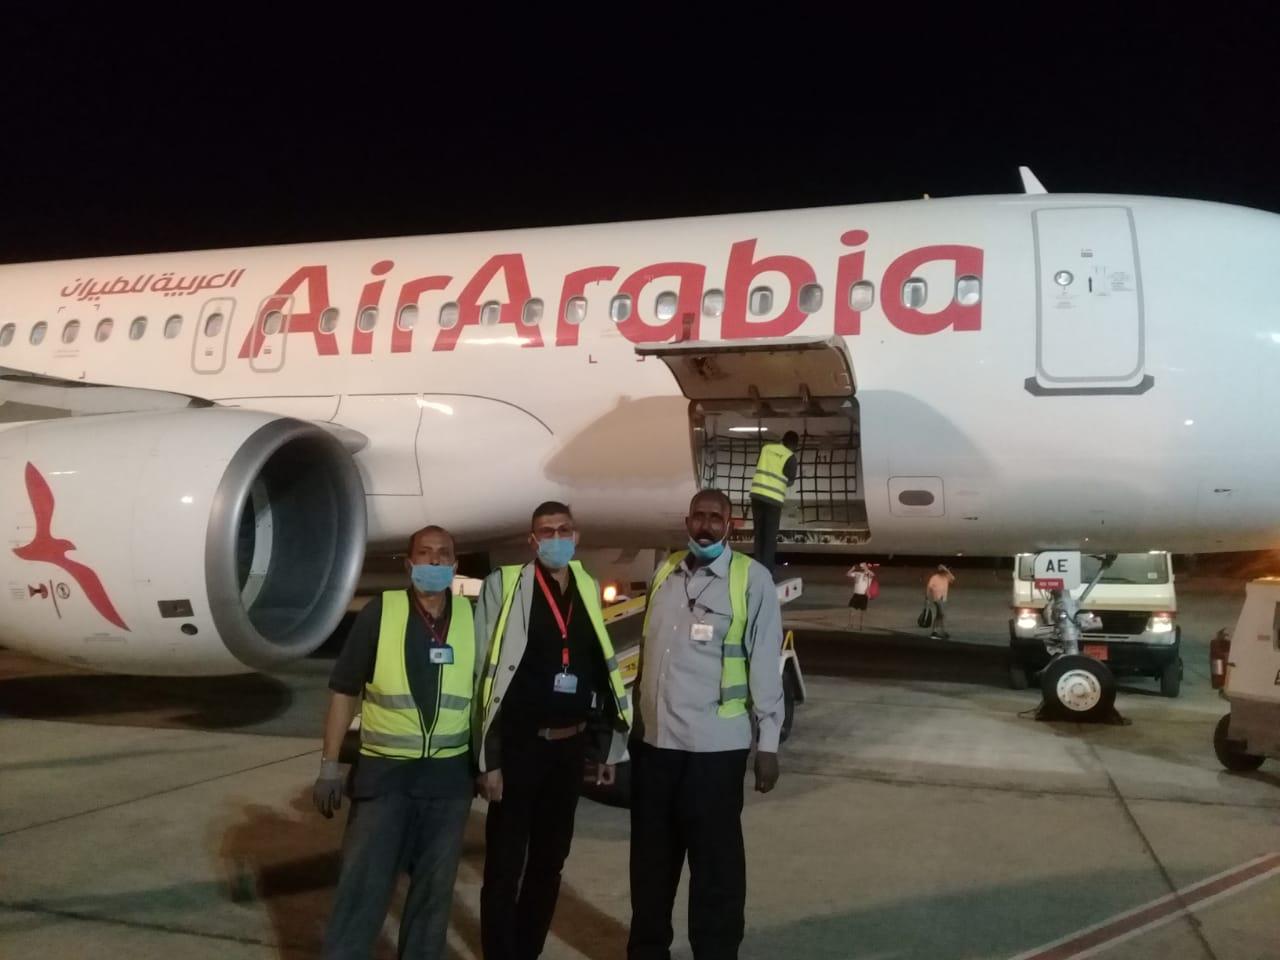 مطار أسوان الدولي يستقبل أولى رحلات خطوط العربية للطيران